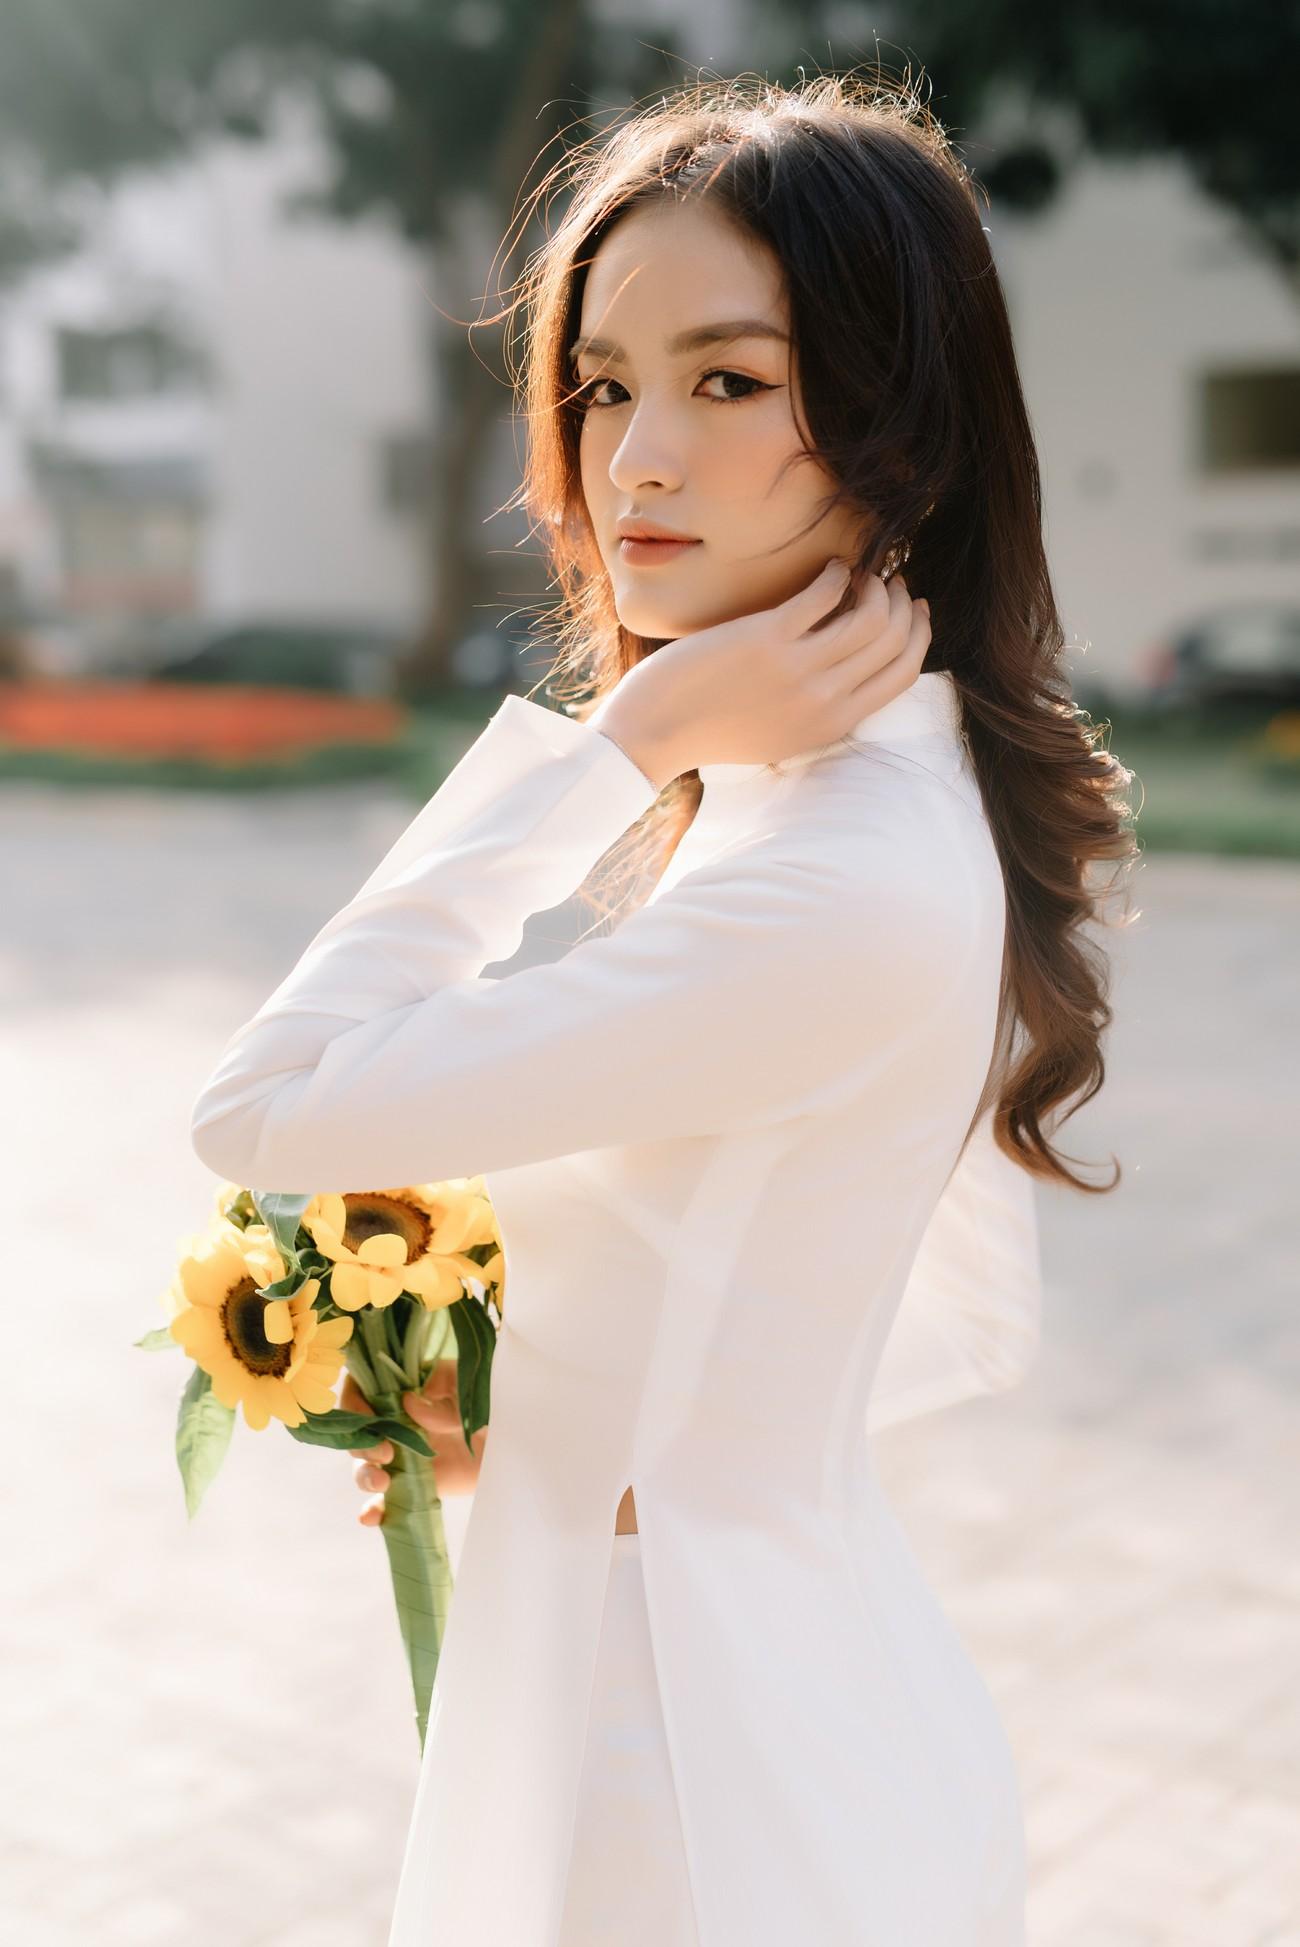 Hoa khôi Đại học Ngoại thương từng thi Hoa hậu Việt Nam 2020 giờ ra sao? ảnh 3